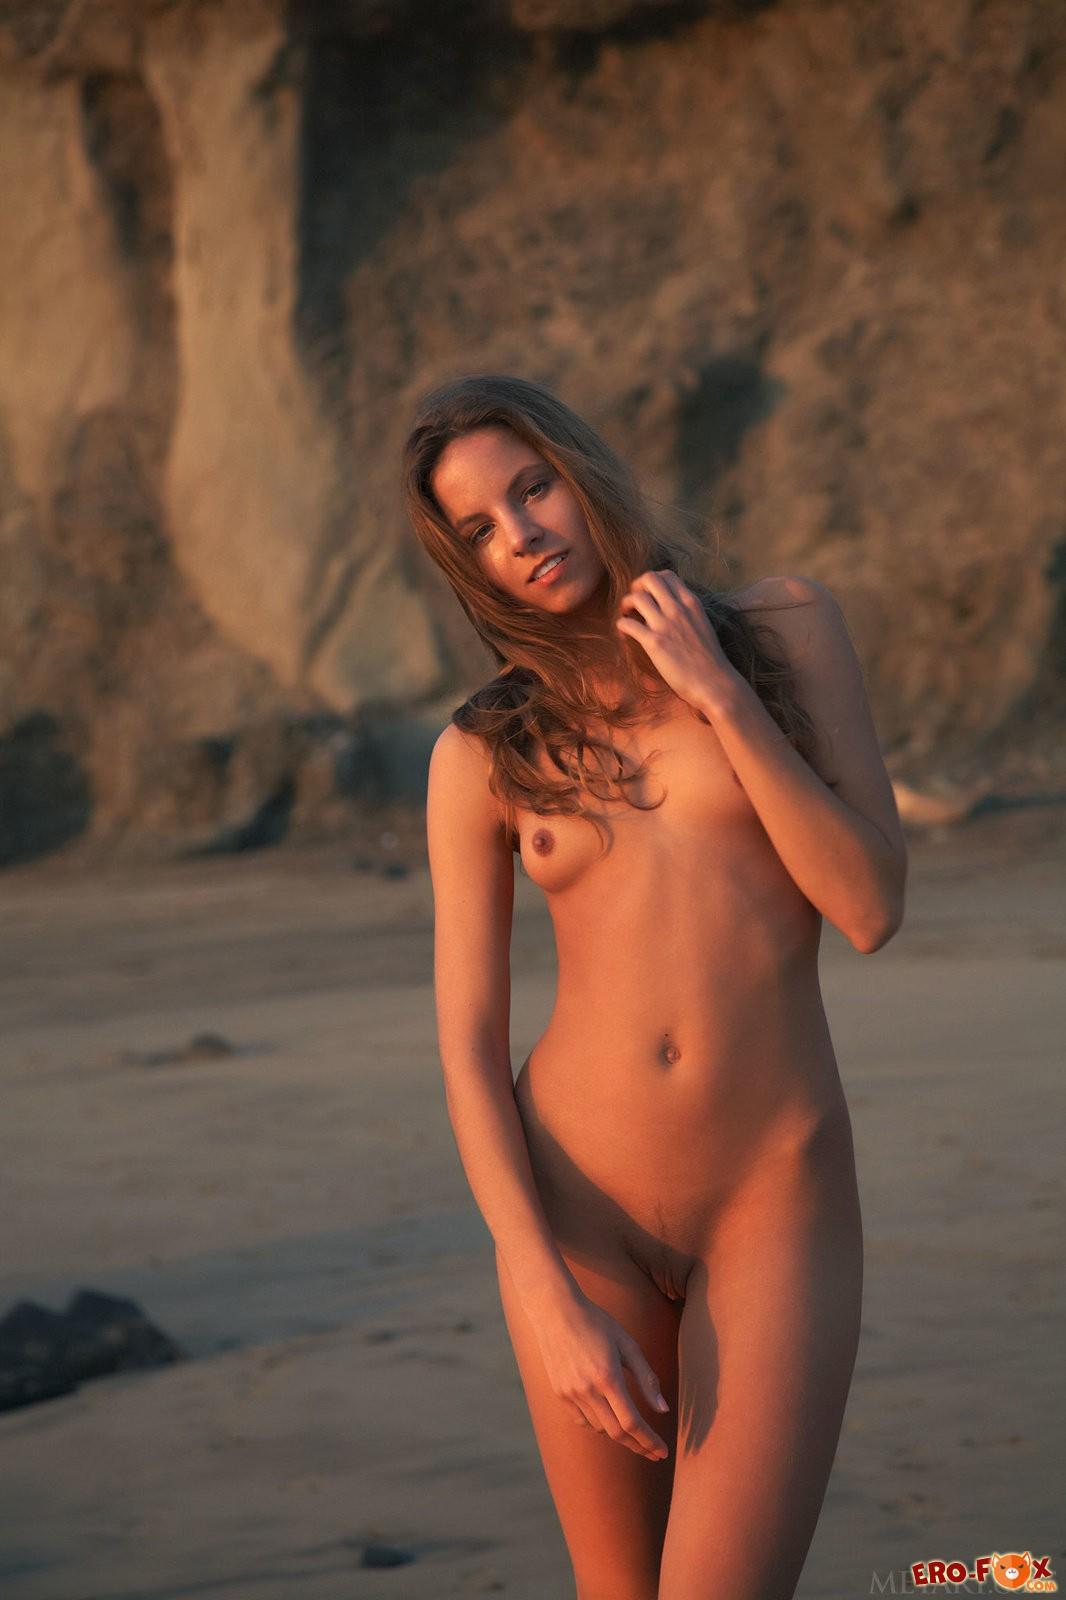 Голая девушка с маленькой попкой на вечернем пляже .